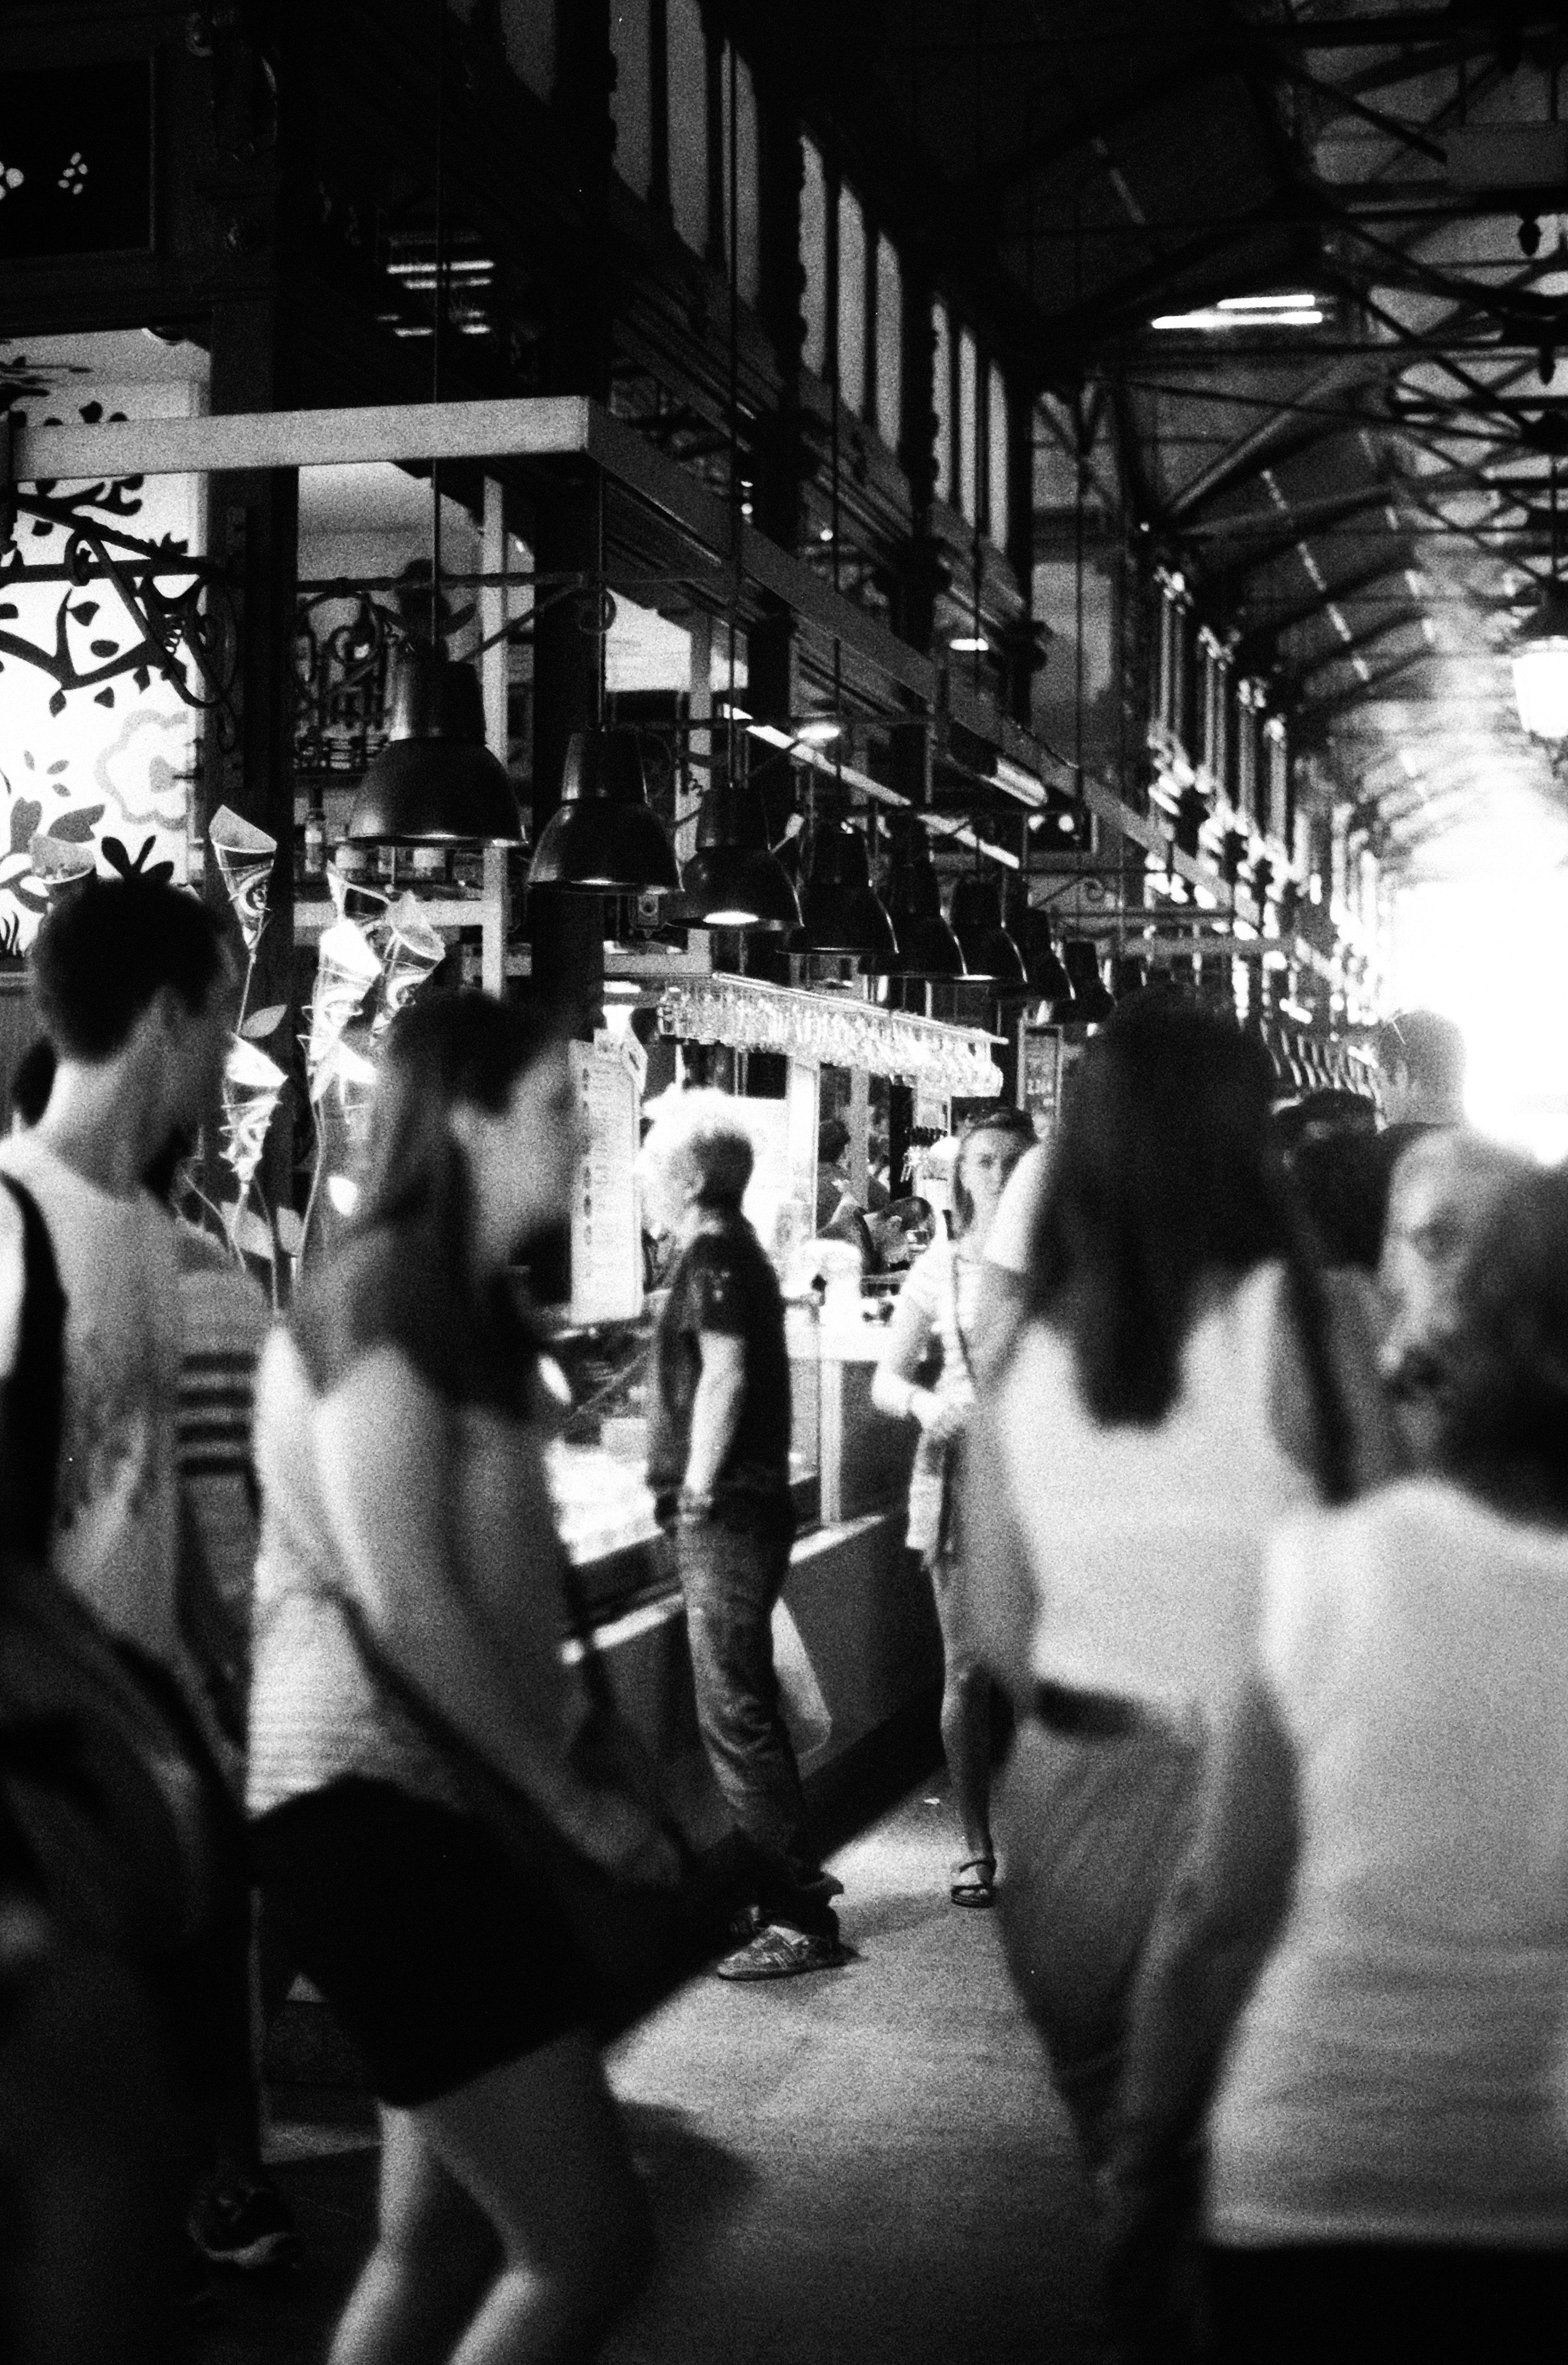 marché madrid noir et blanc